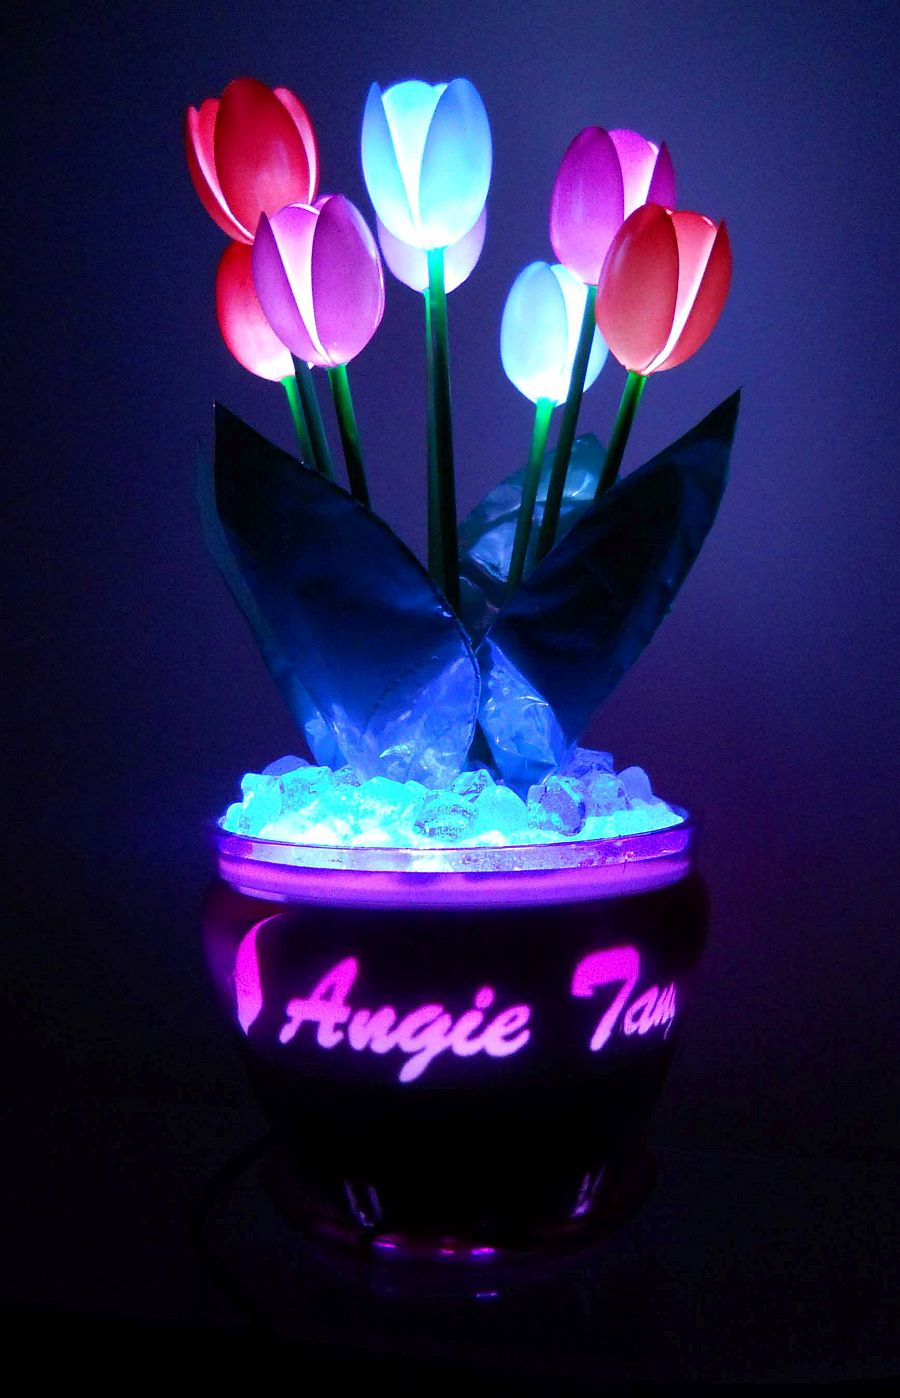 Tulip lamps